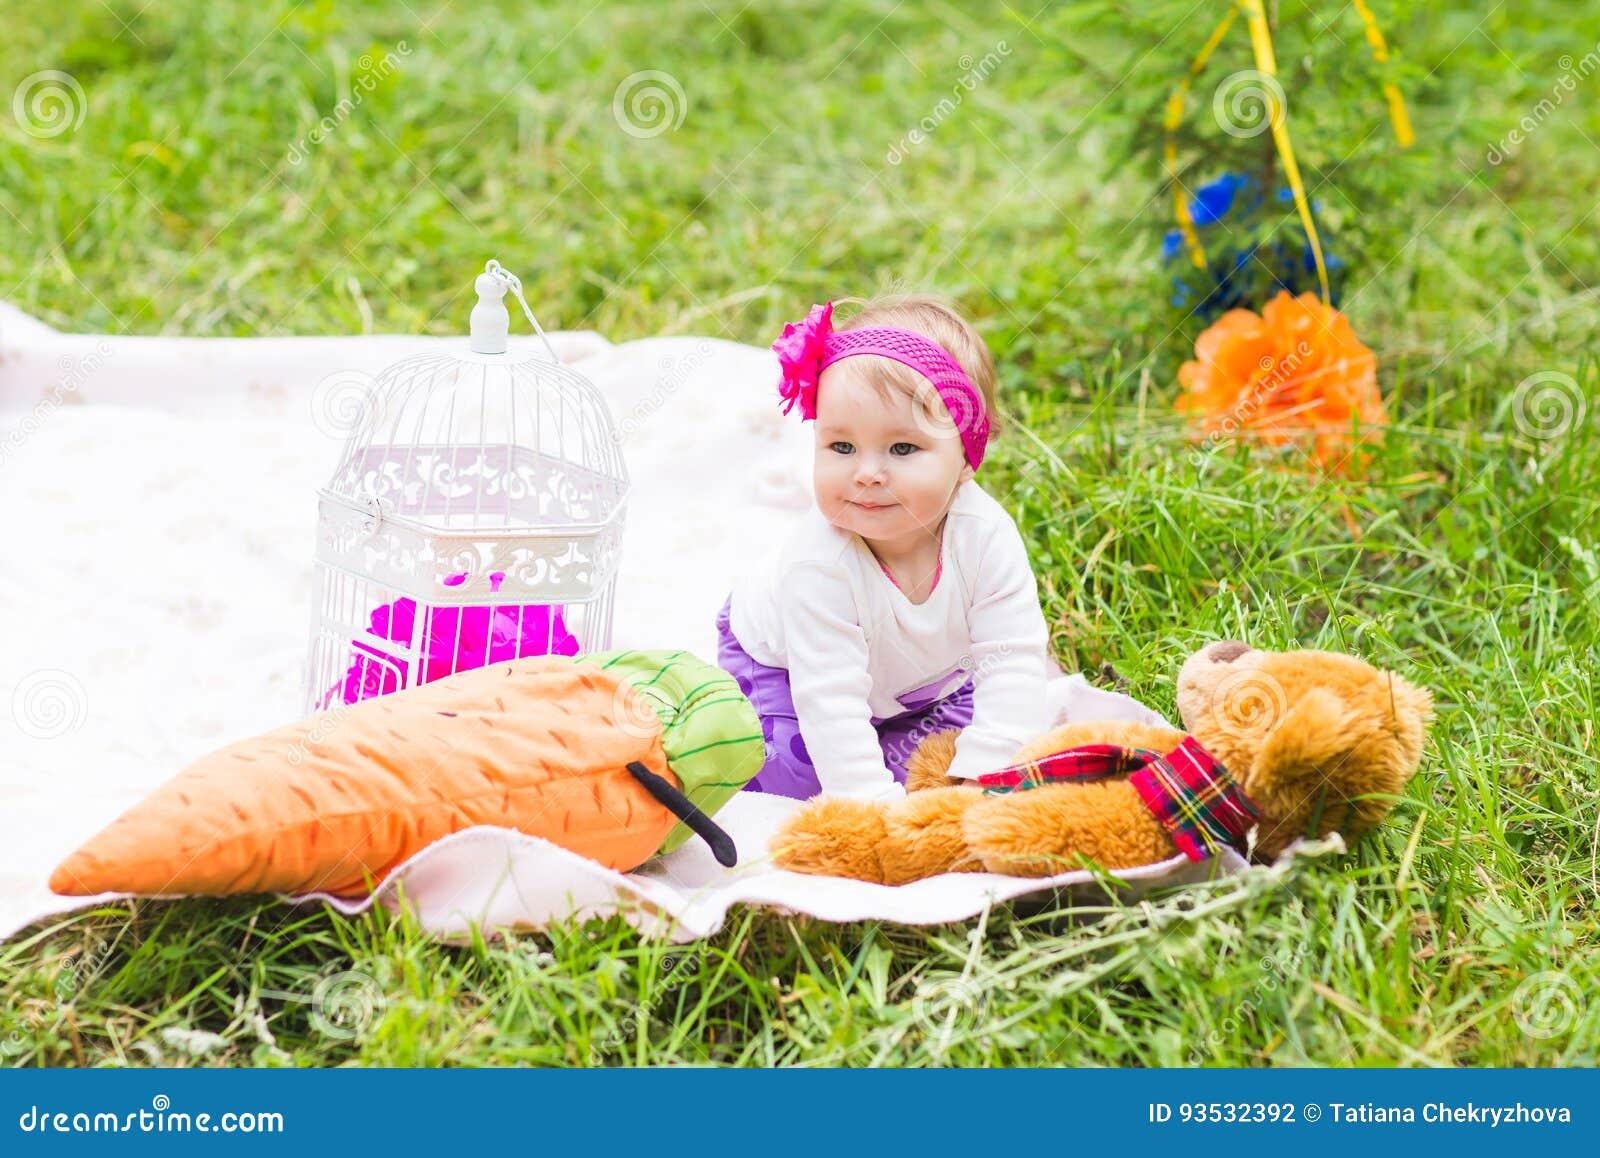 有大棕色女用连杉衬裤的逗人喜爱的矮小的愉快的女婴涉及绿草草甸、春天或者夏季